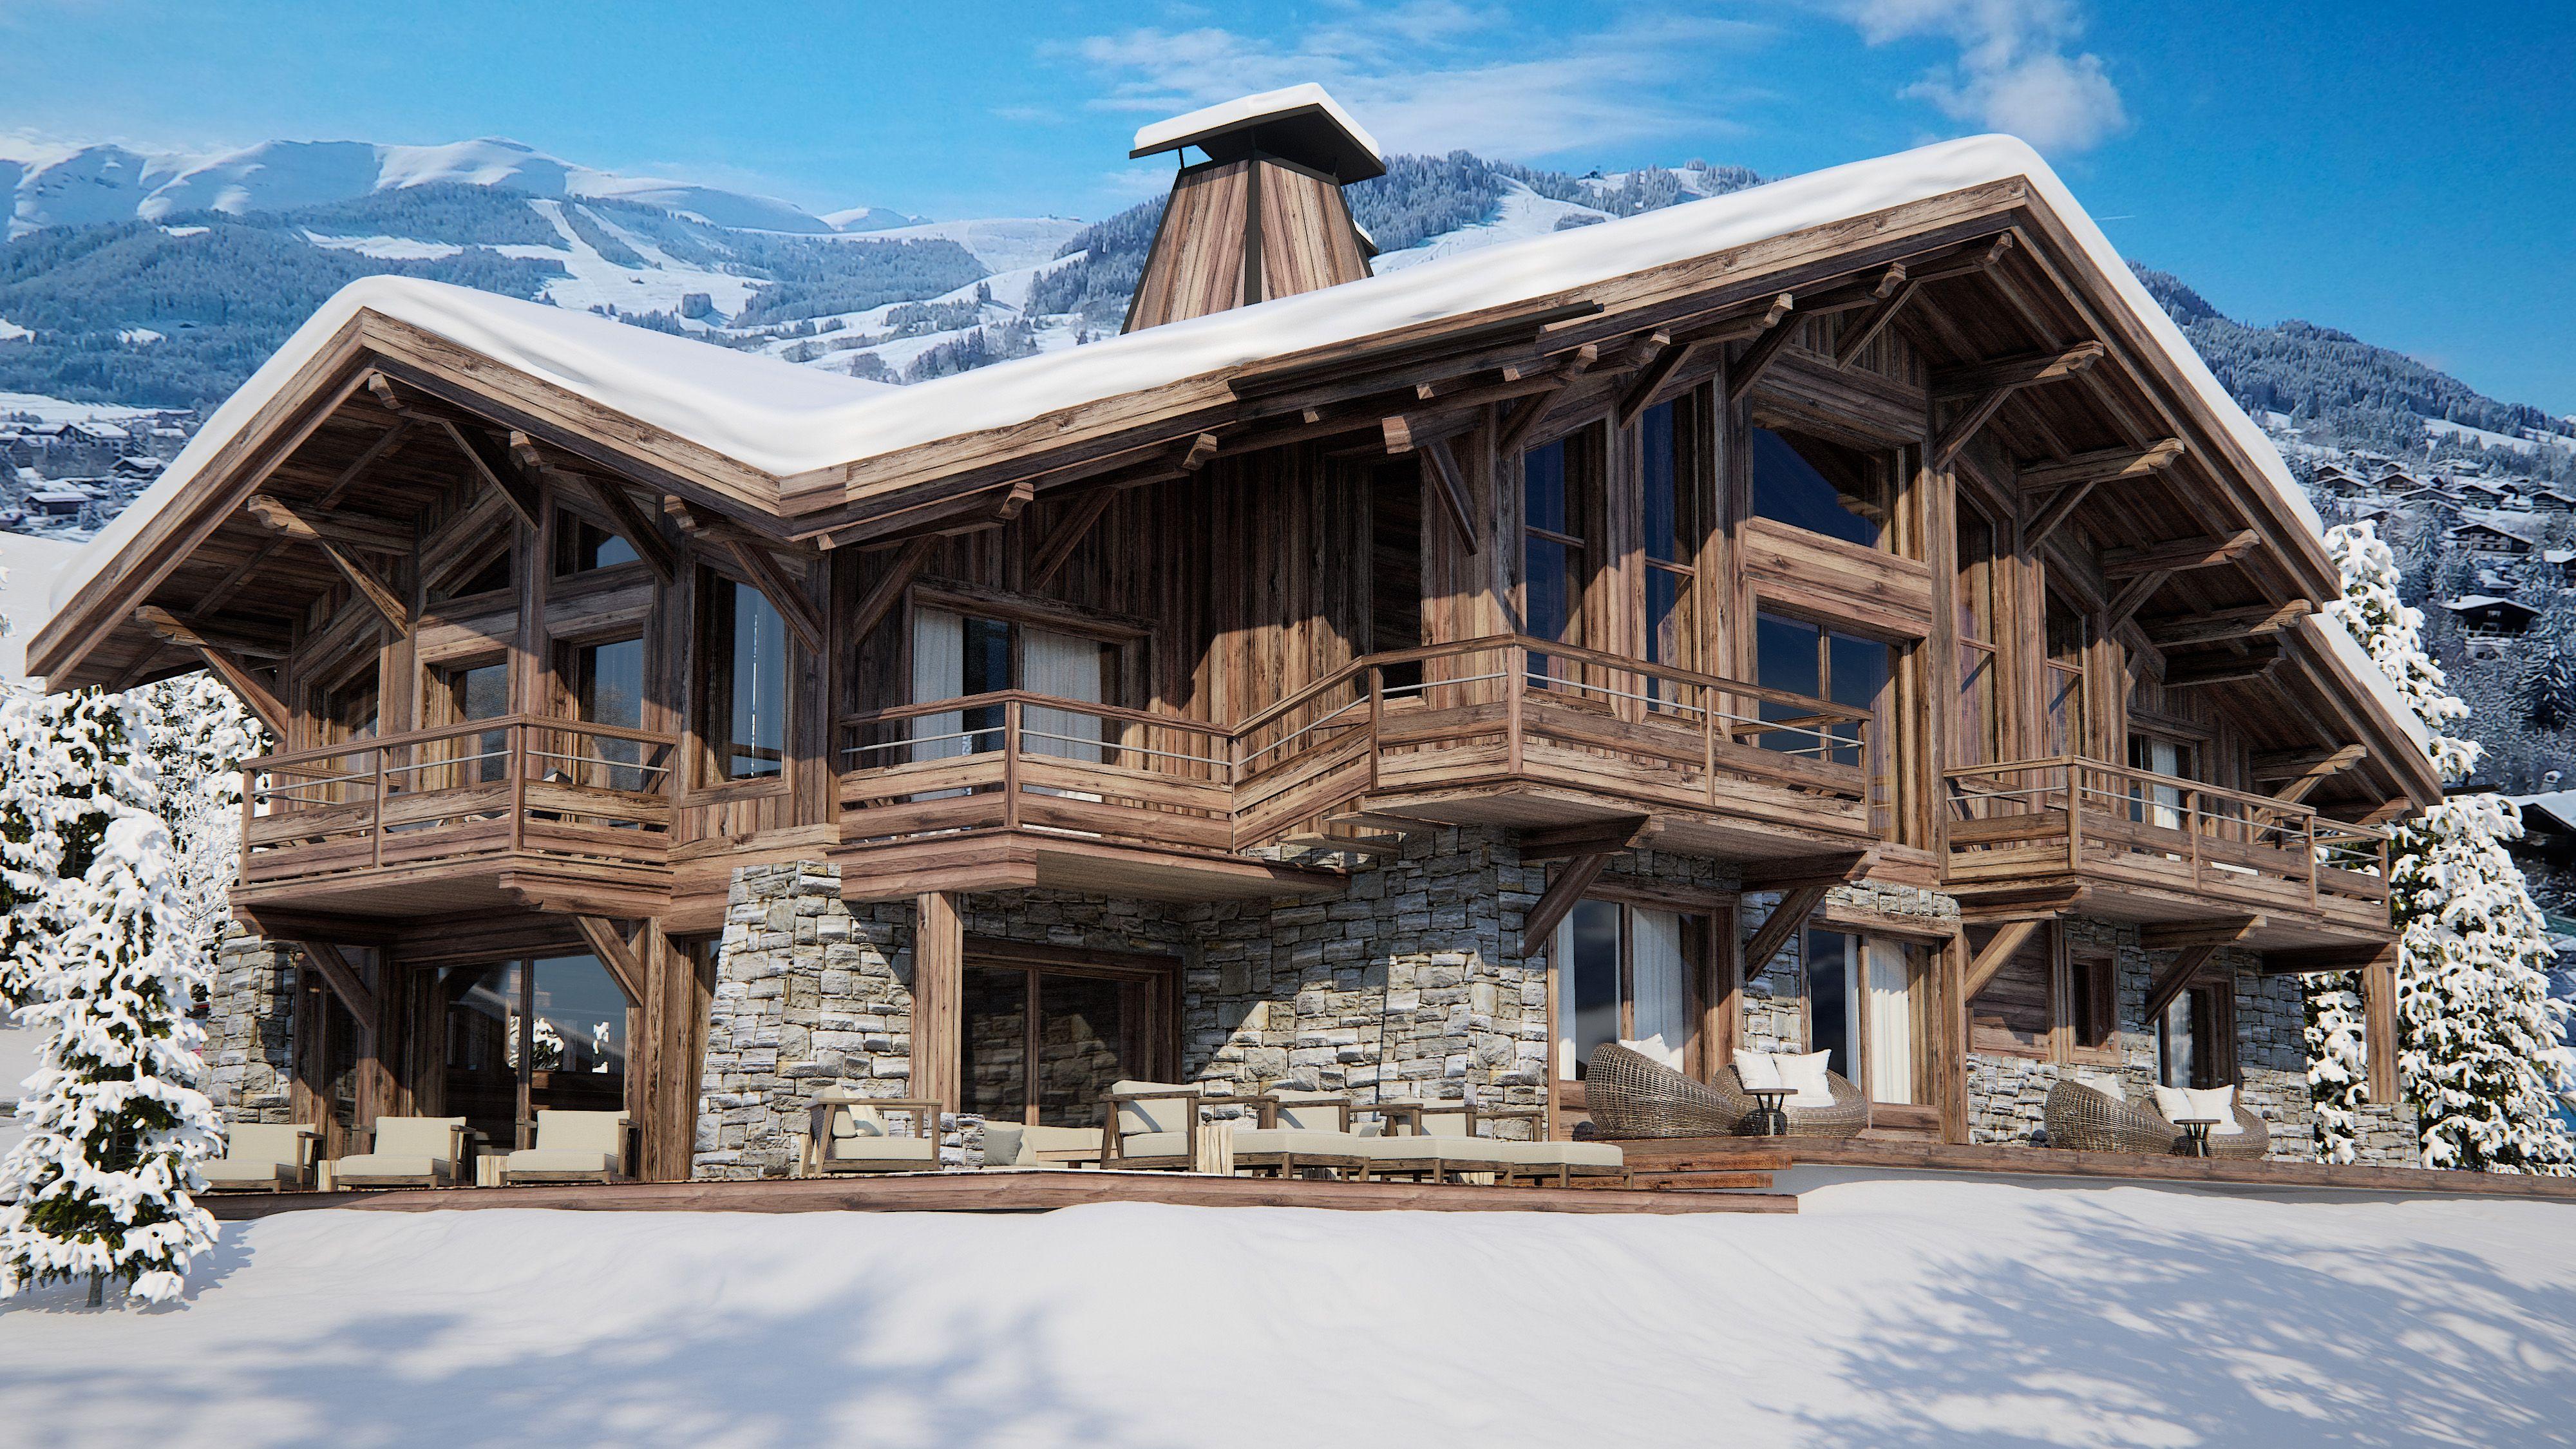 projet immobilier megeve construction de luxe chalet sur piste luxury chalet in megeve. Black Bedroom Furniture Sets. Home Design Ideas